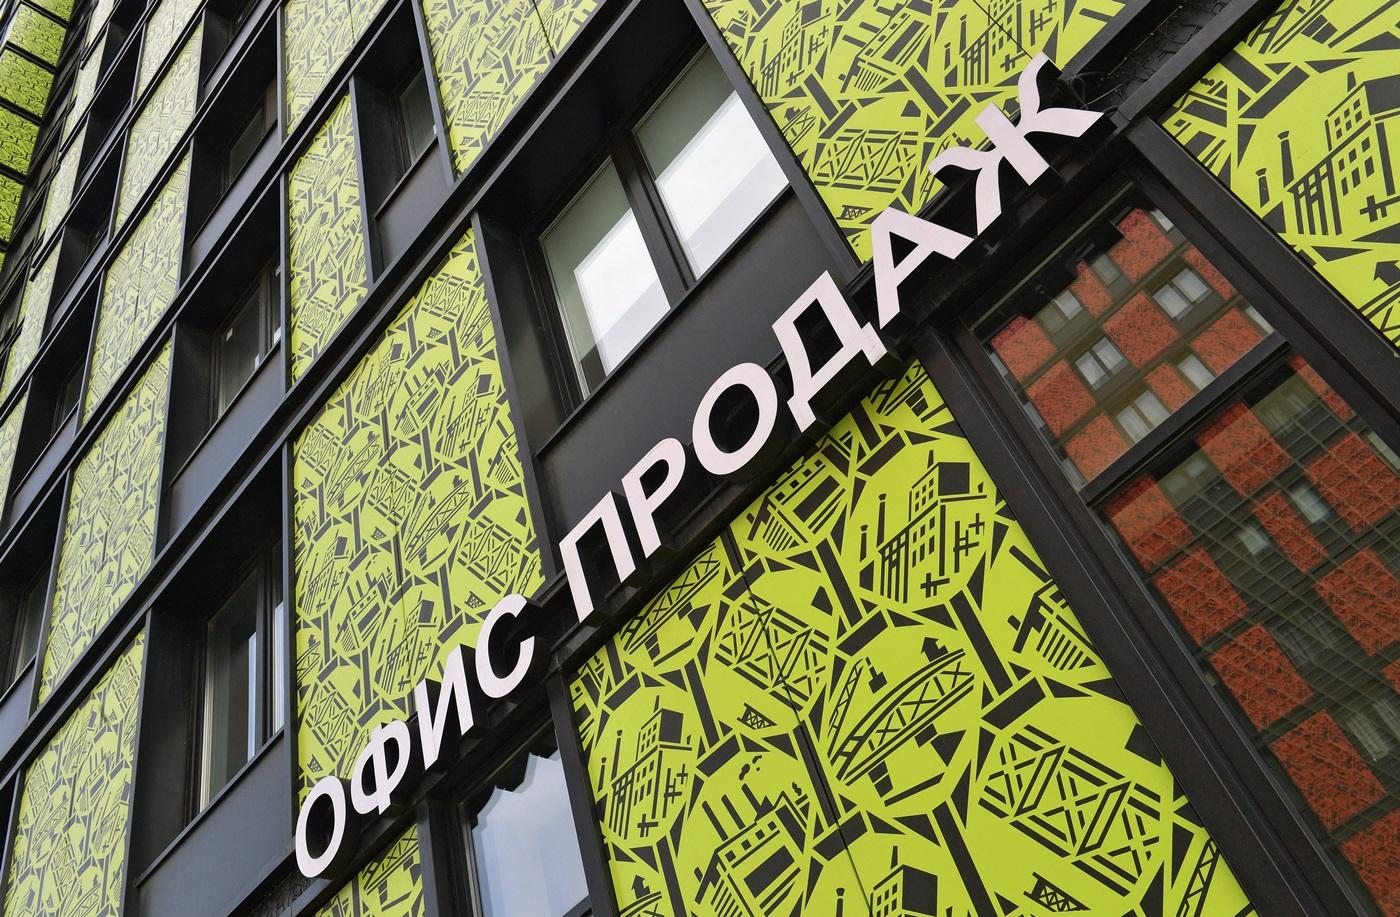 автор фото Глеб Щелкунов/Коммерсантъ